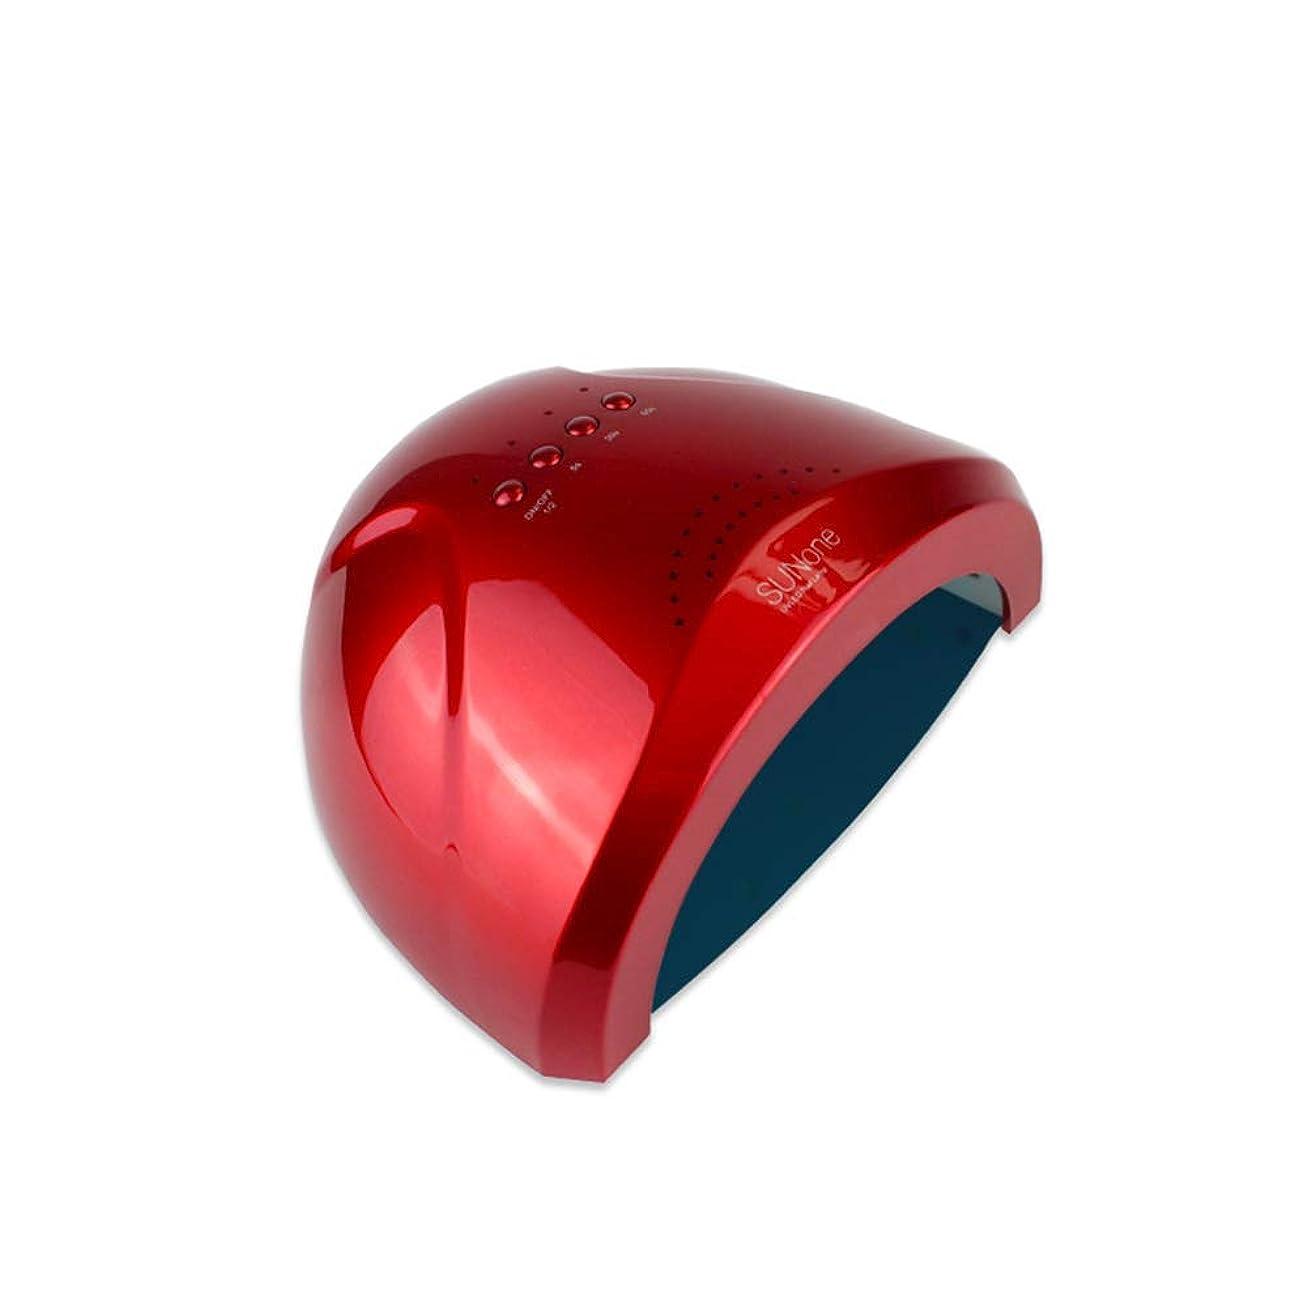 有用オプションヒールLEDネイル光線療法機、ホームインテリジェントセンサー多機能リムーバブルネイルキュアマシン、デュアルソースネイルポリッシャー、ホテル/家族/ホテルに適しています